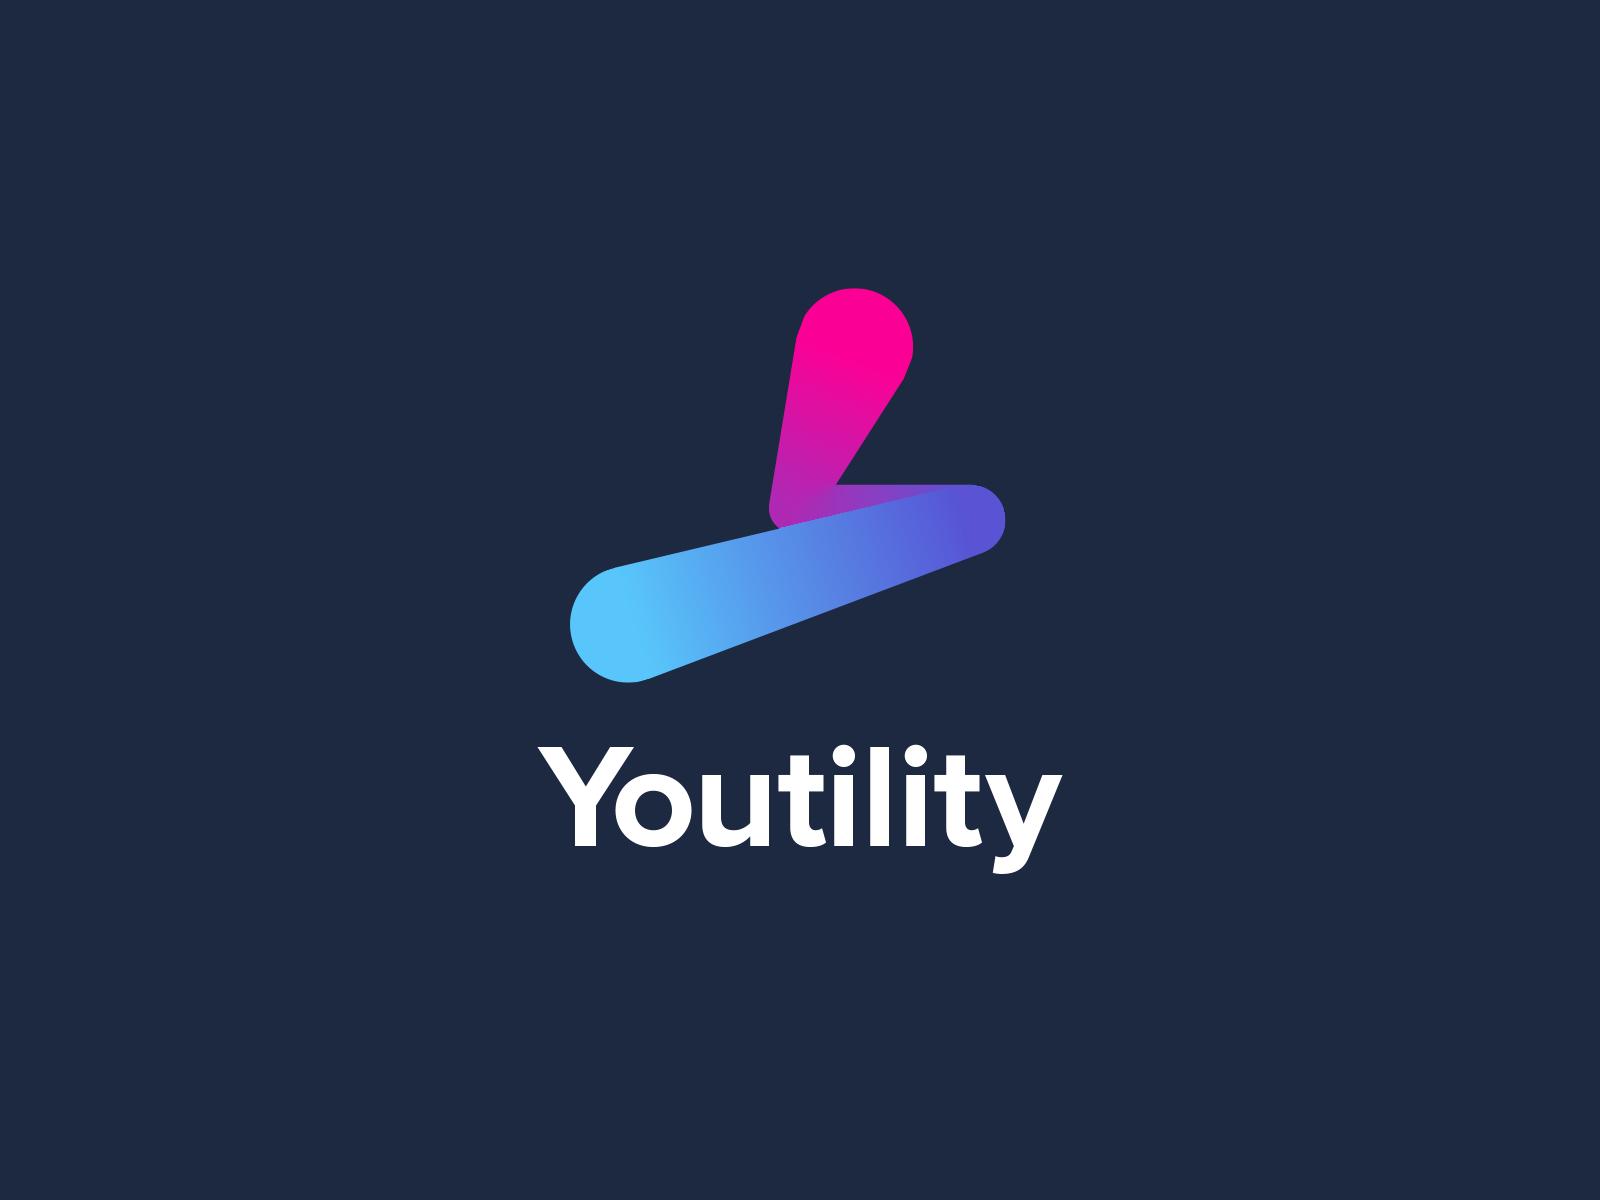 Ytly logo dr 03